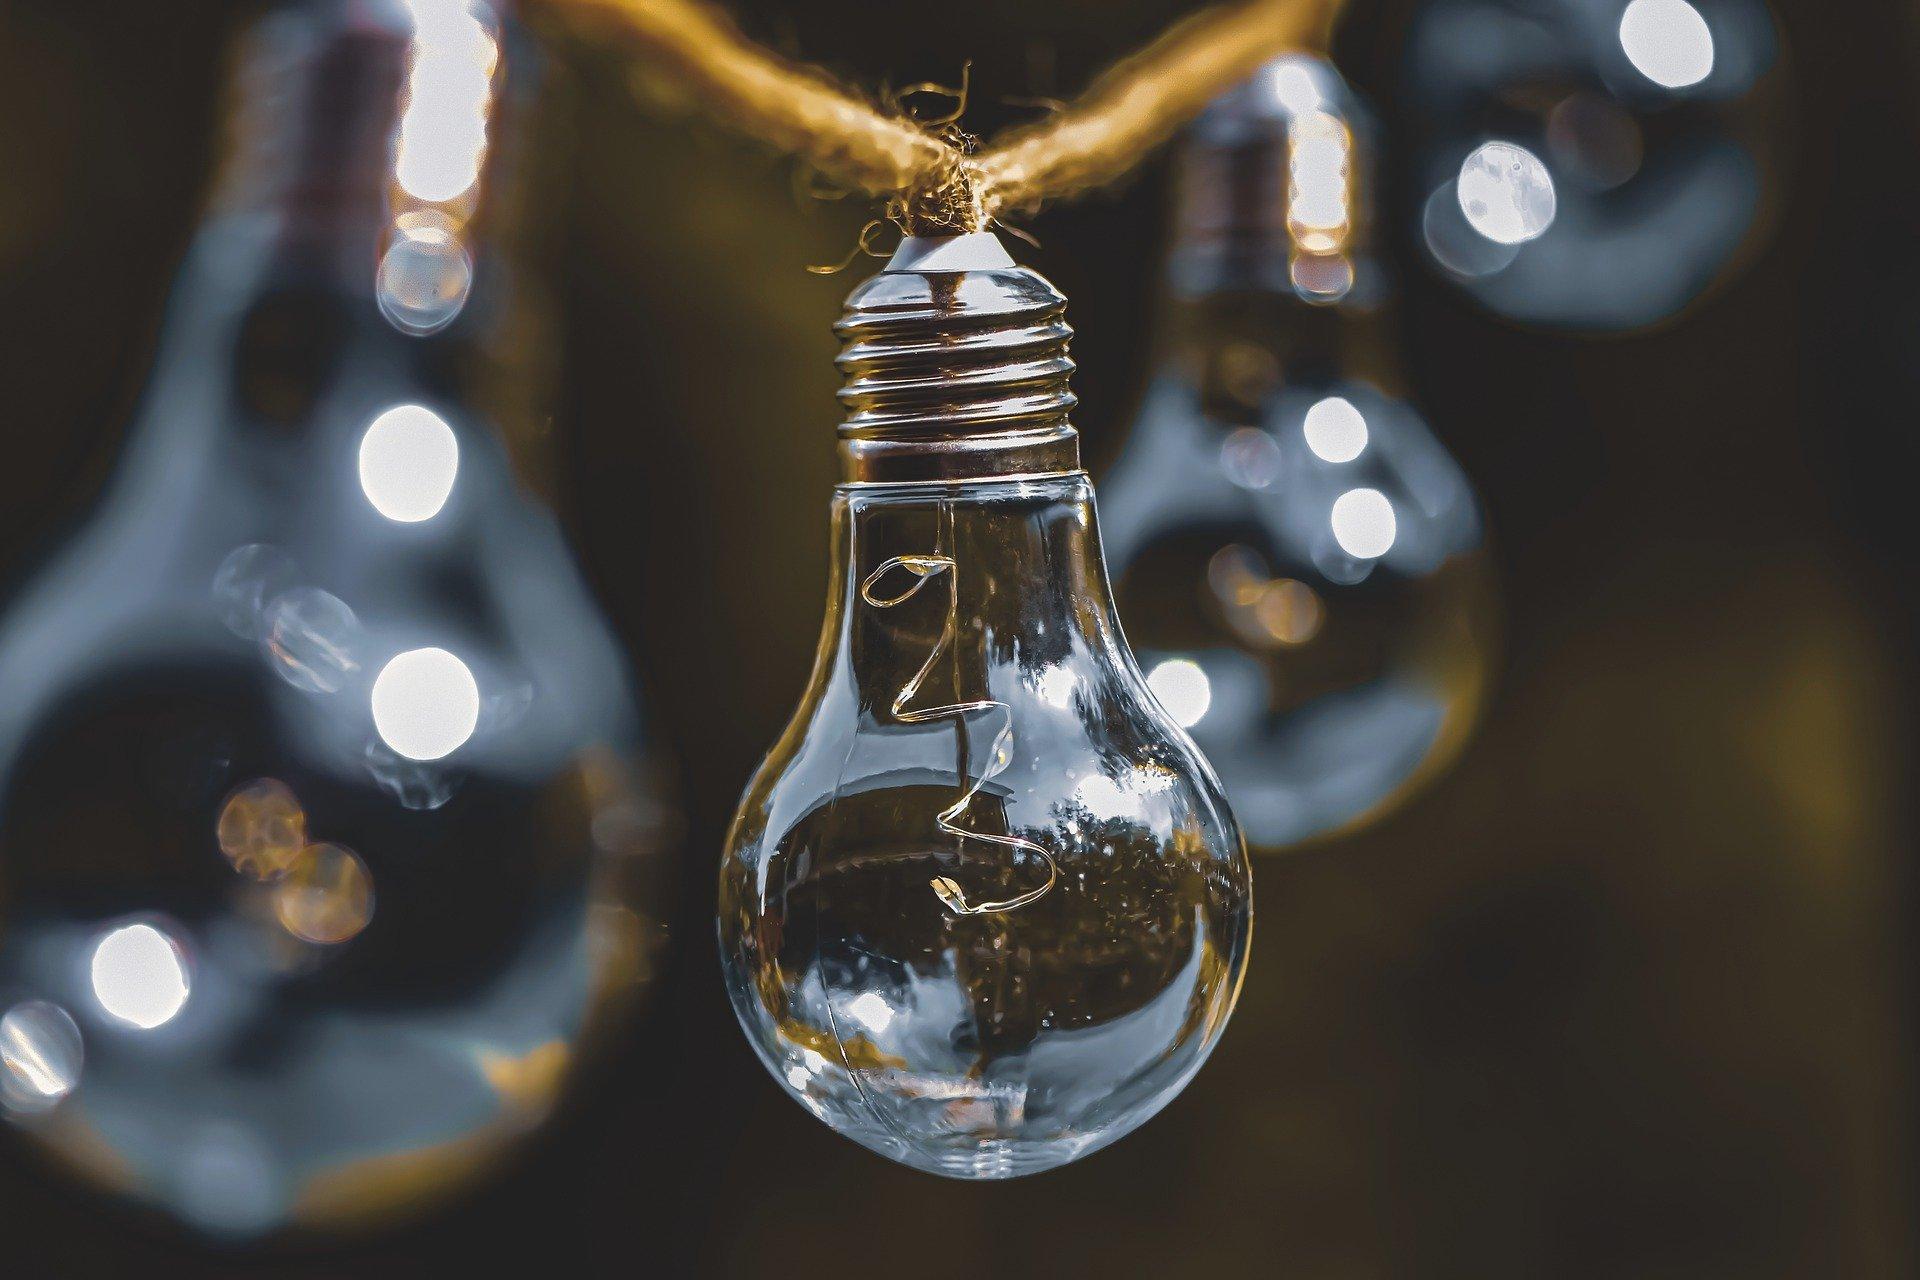 light-bulb-5318664_1920